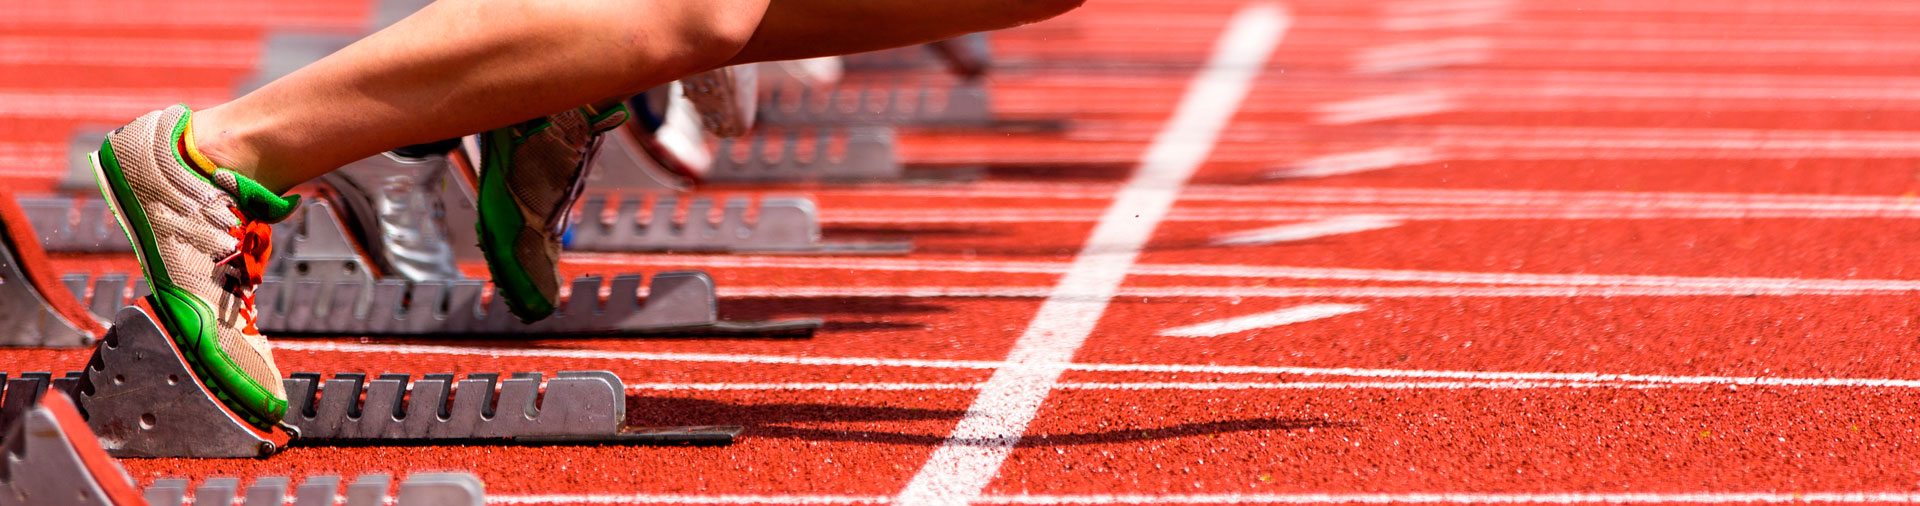 Deportista entrenando para optimizar su rendimiento y capacidad